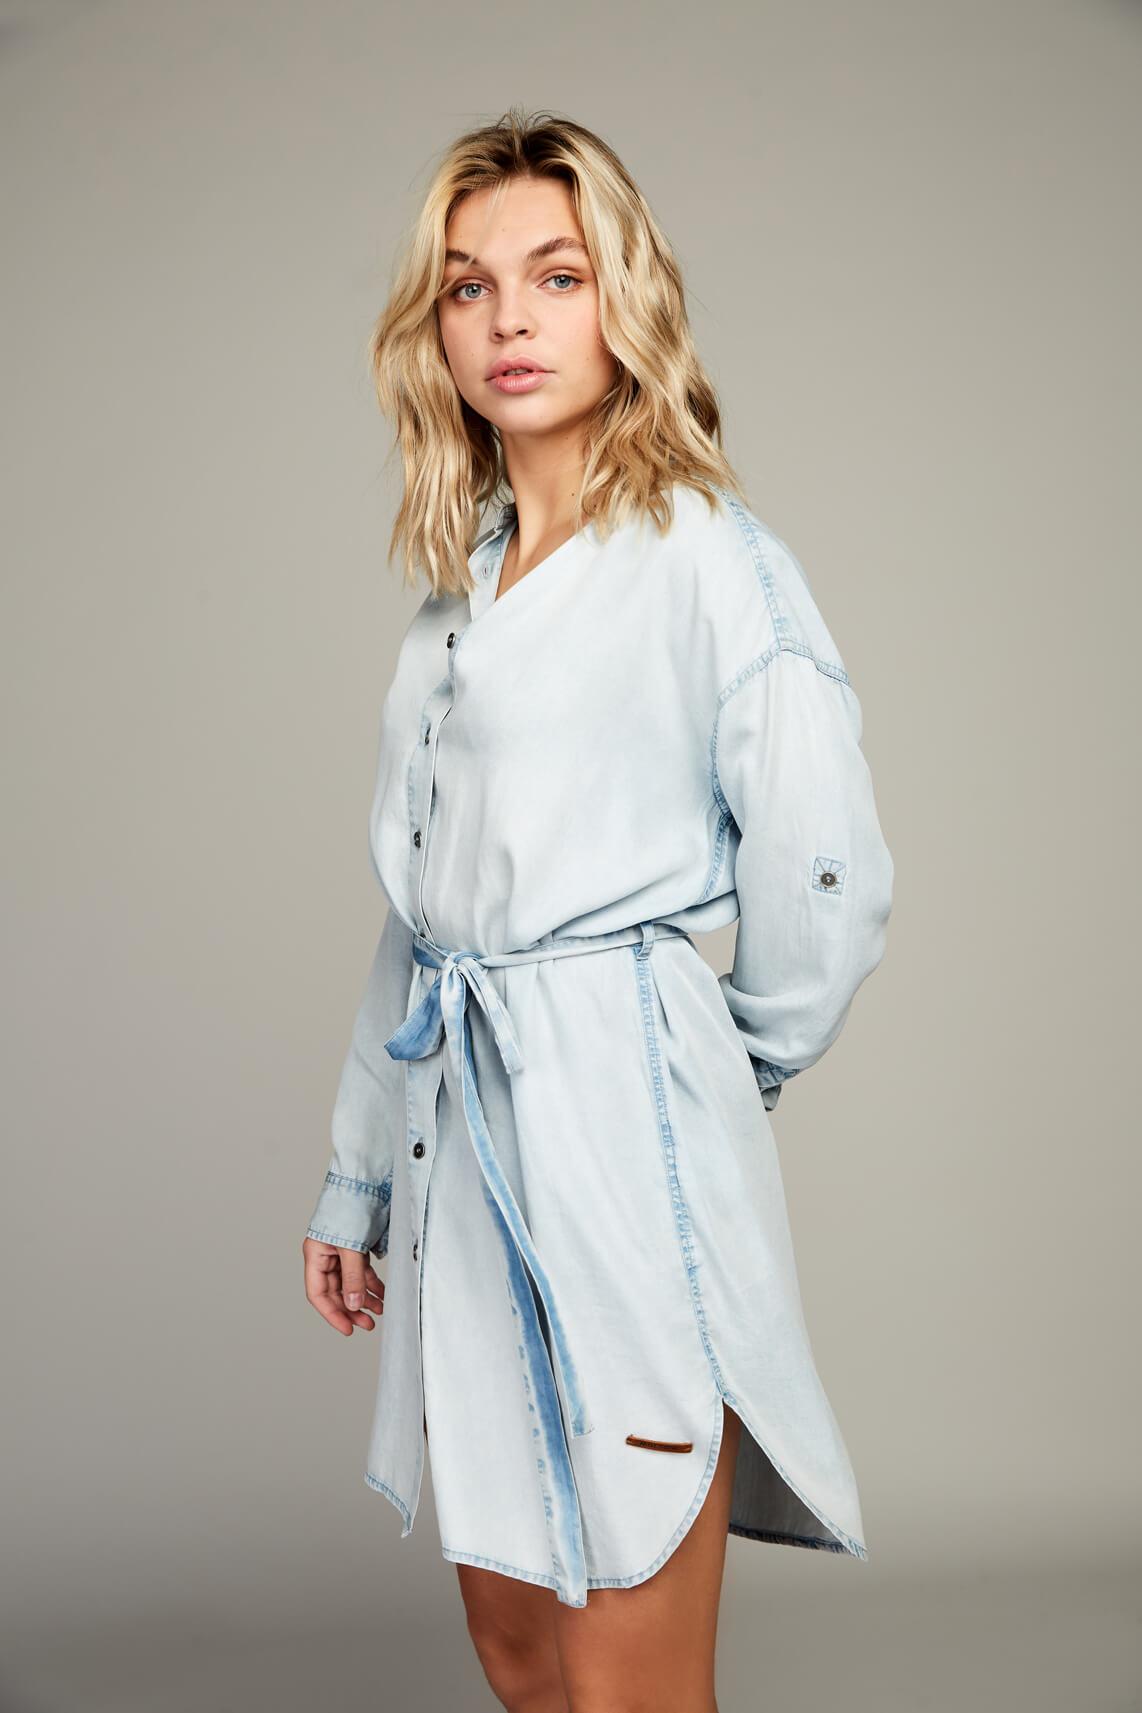 Moscow Dames Amy denim dress Blauw